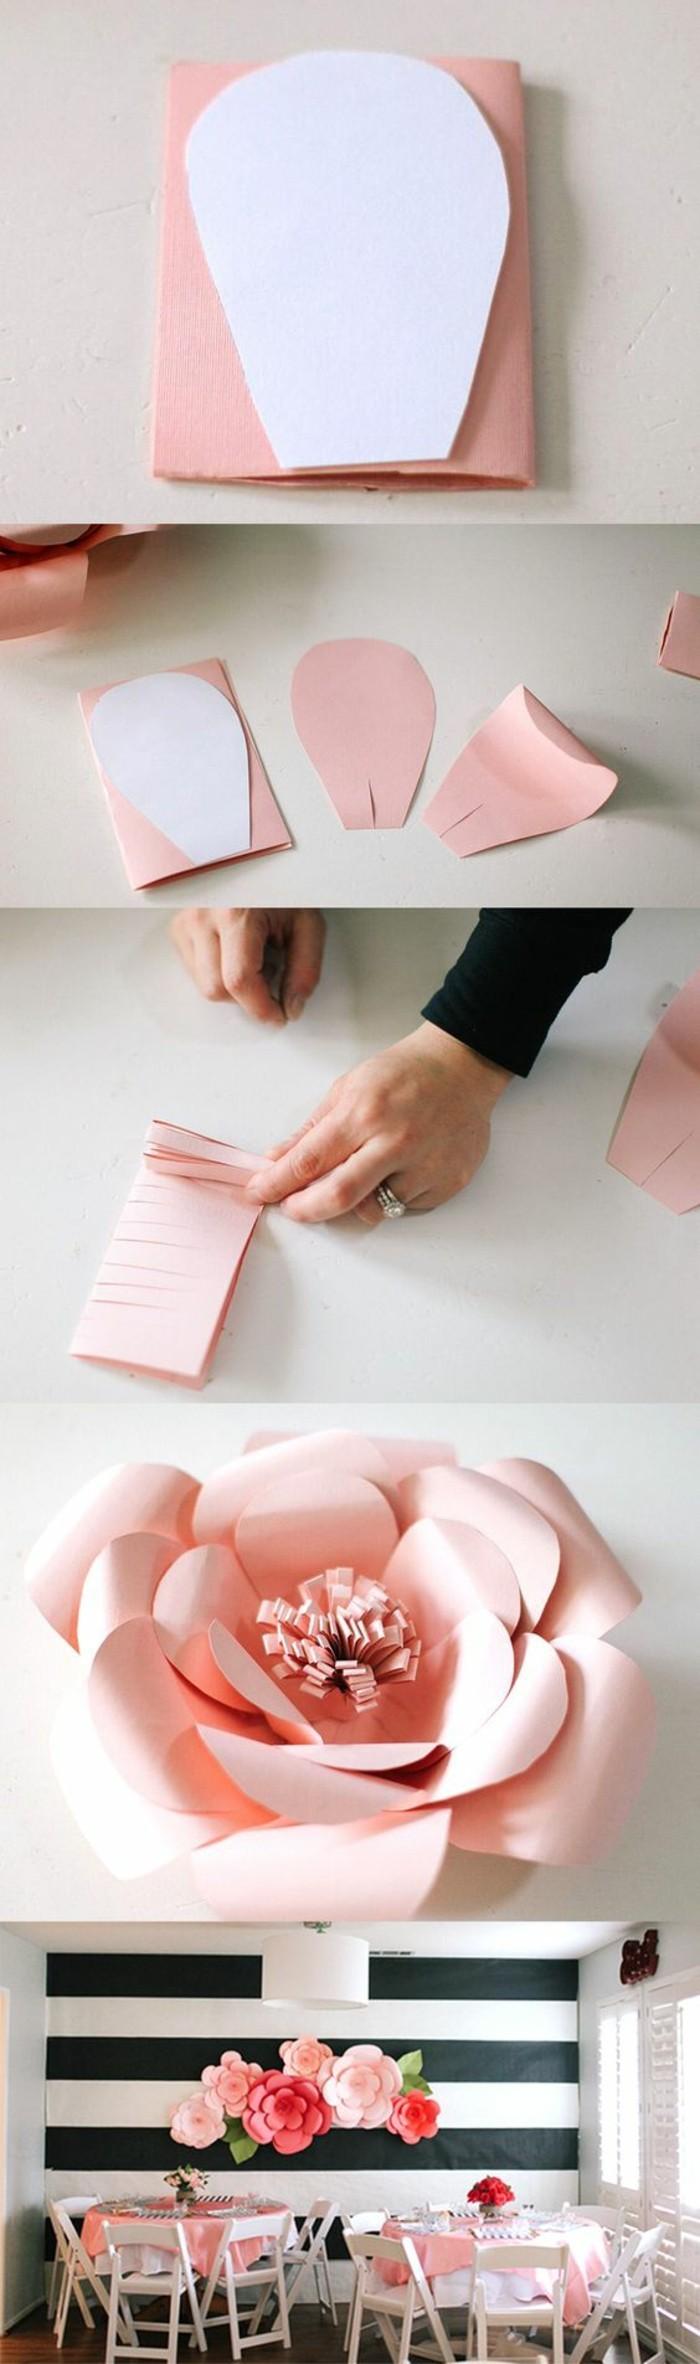 déco murale à faire soi-même, déco en rose et blanc papier plié à situer au mur